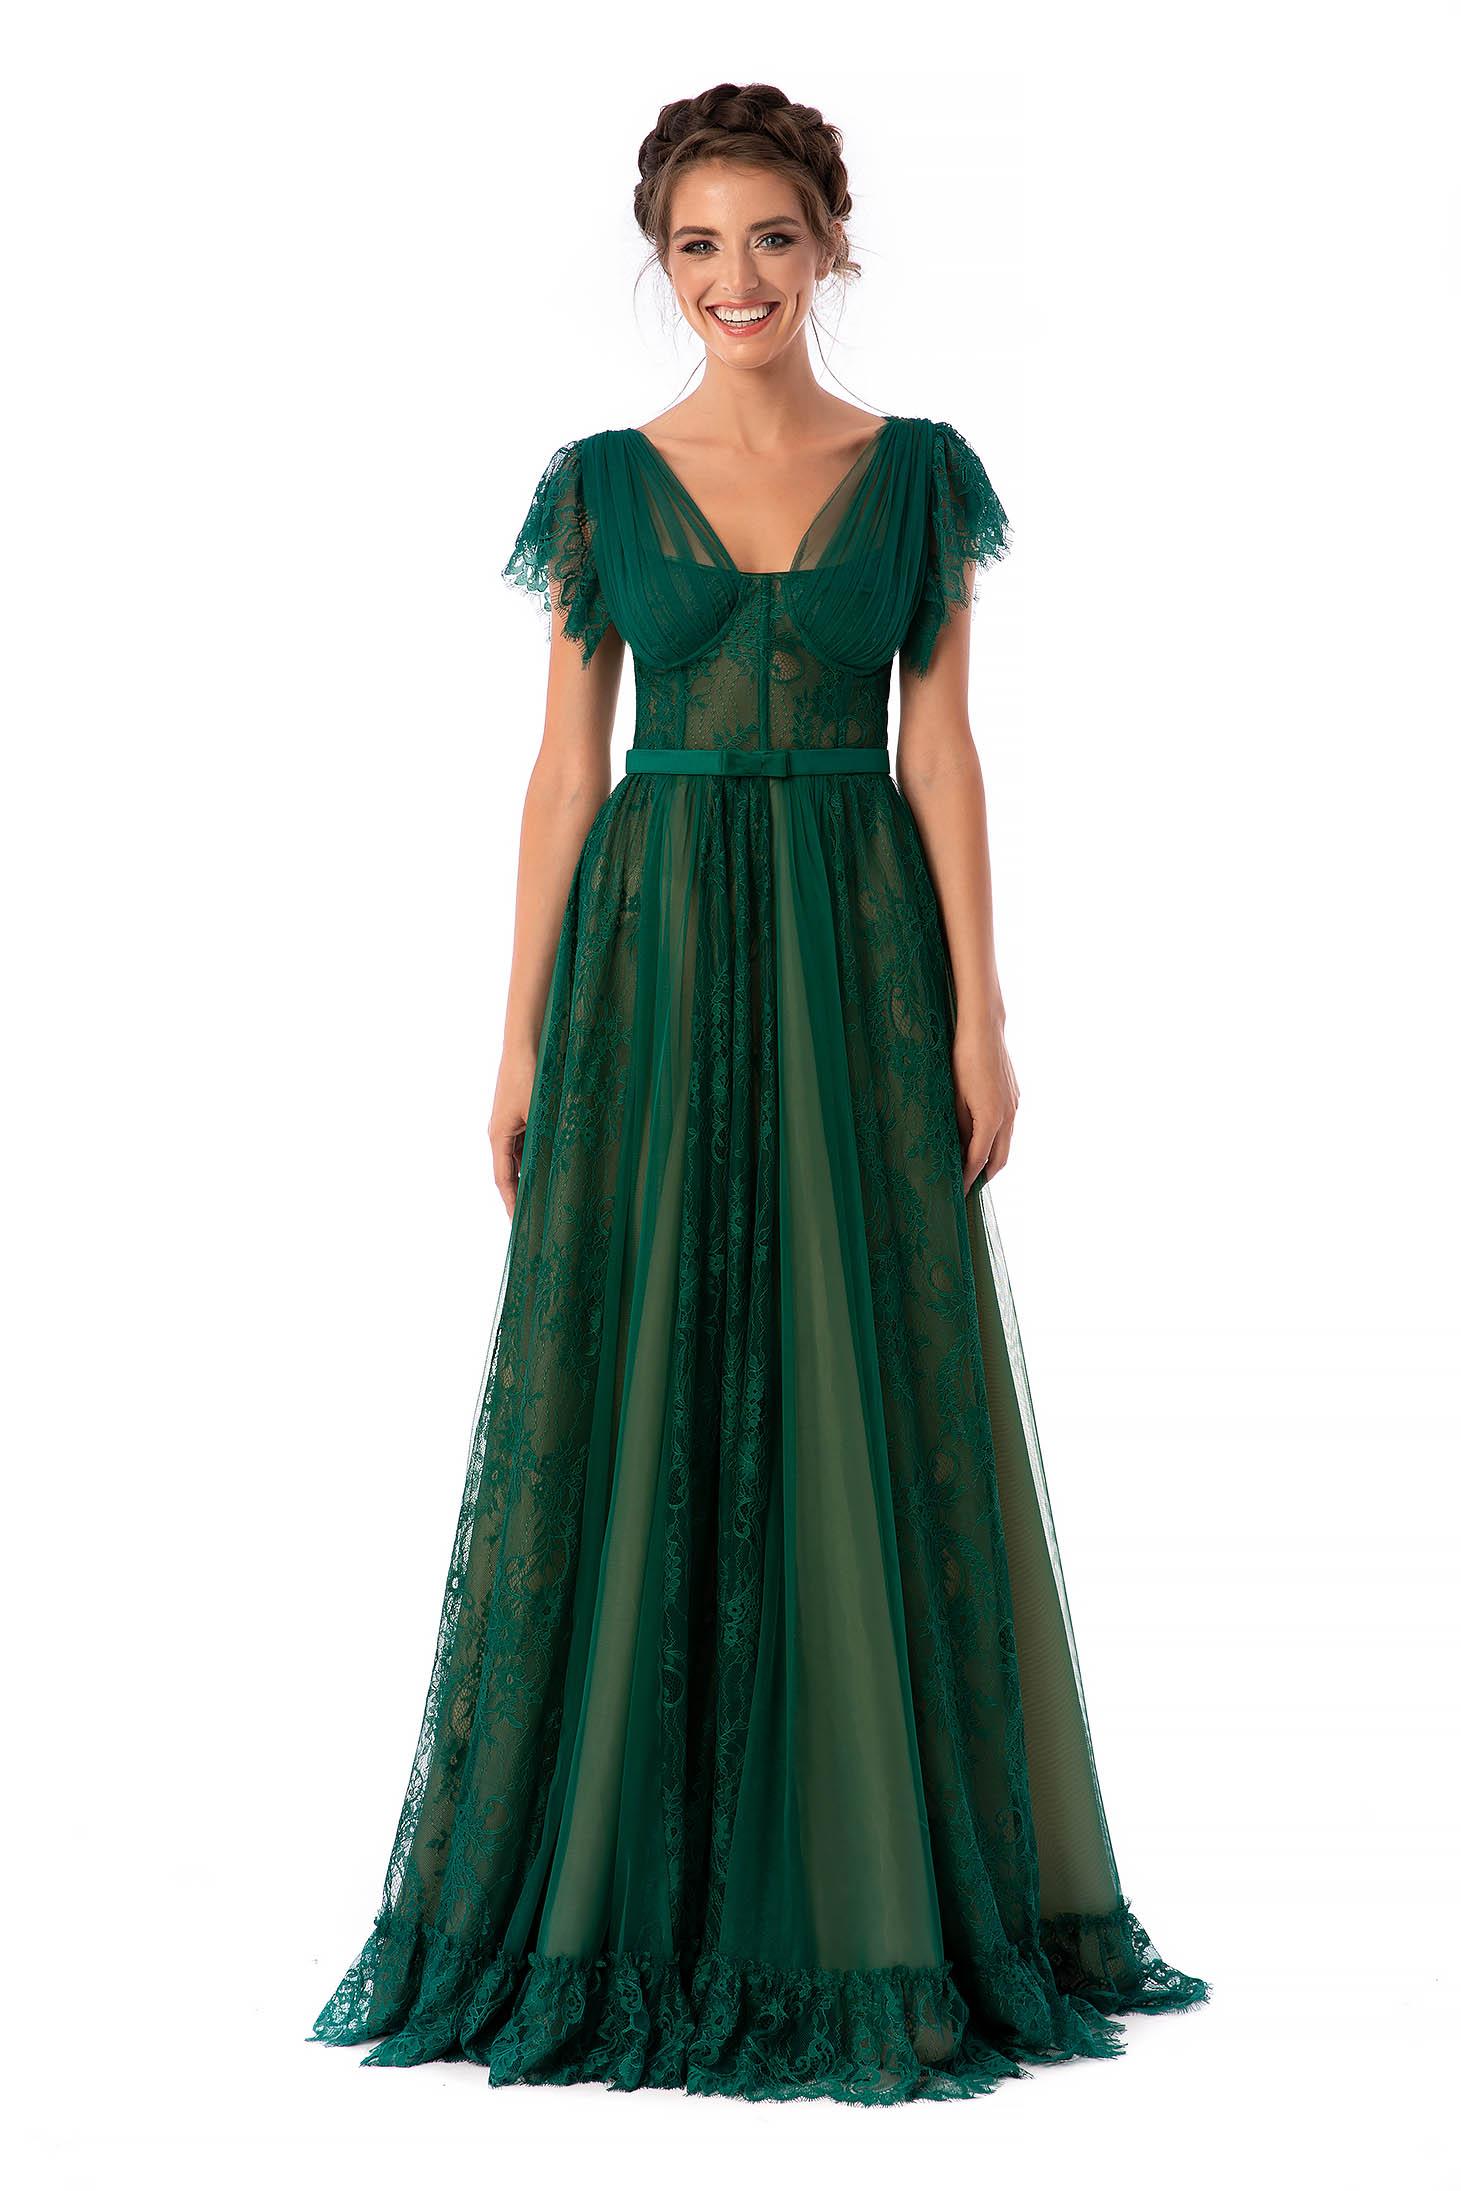 Zöld Ana Radu fűzős a pántoknál fodros luxus harang hosszú ruha csipkés anyagból eltávolítható övvel